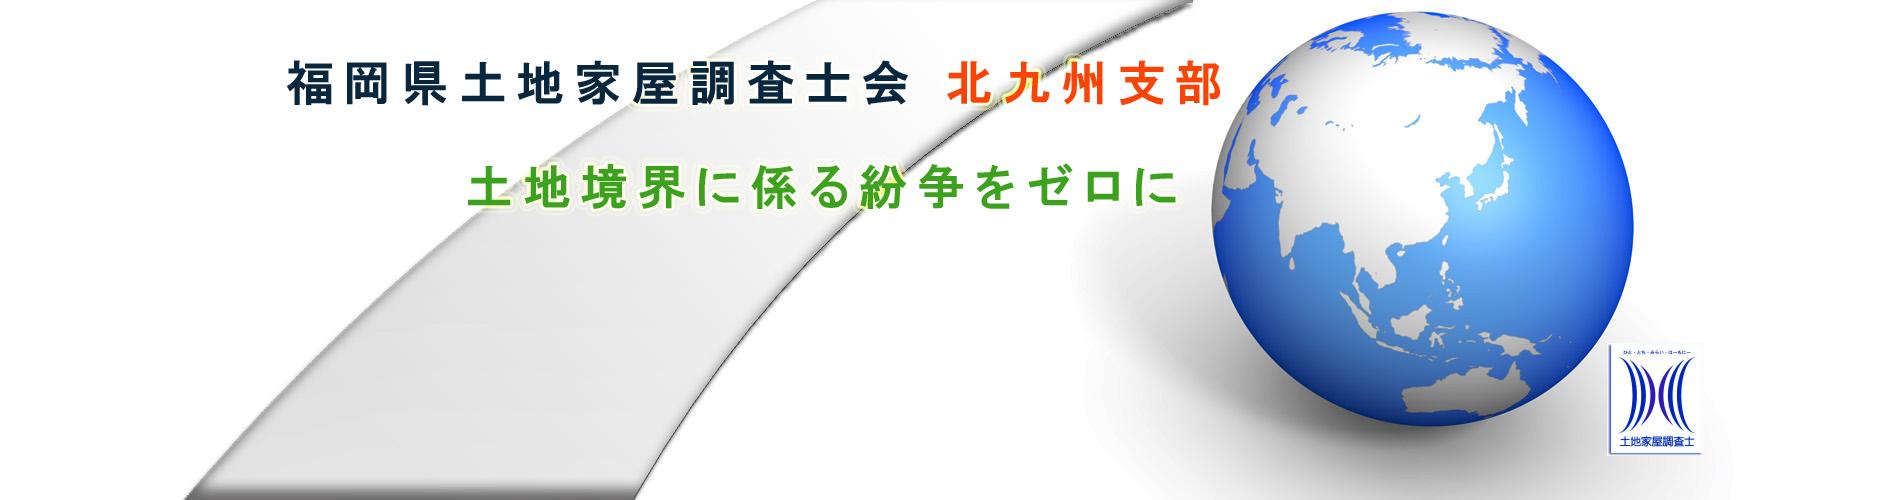 無料相談 福岡県土地家屋調査士会